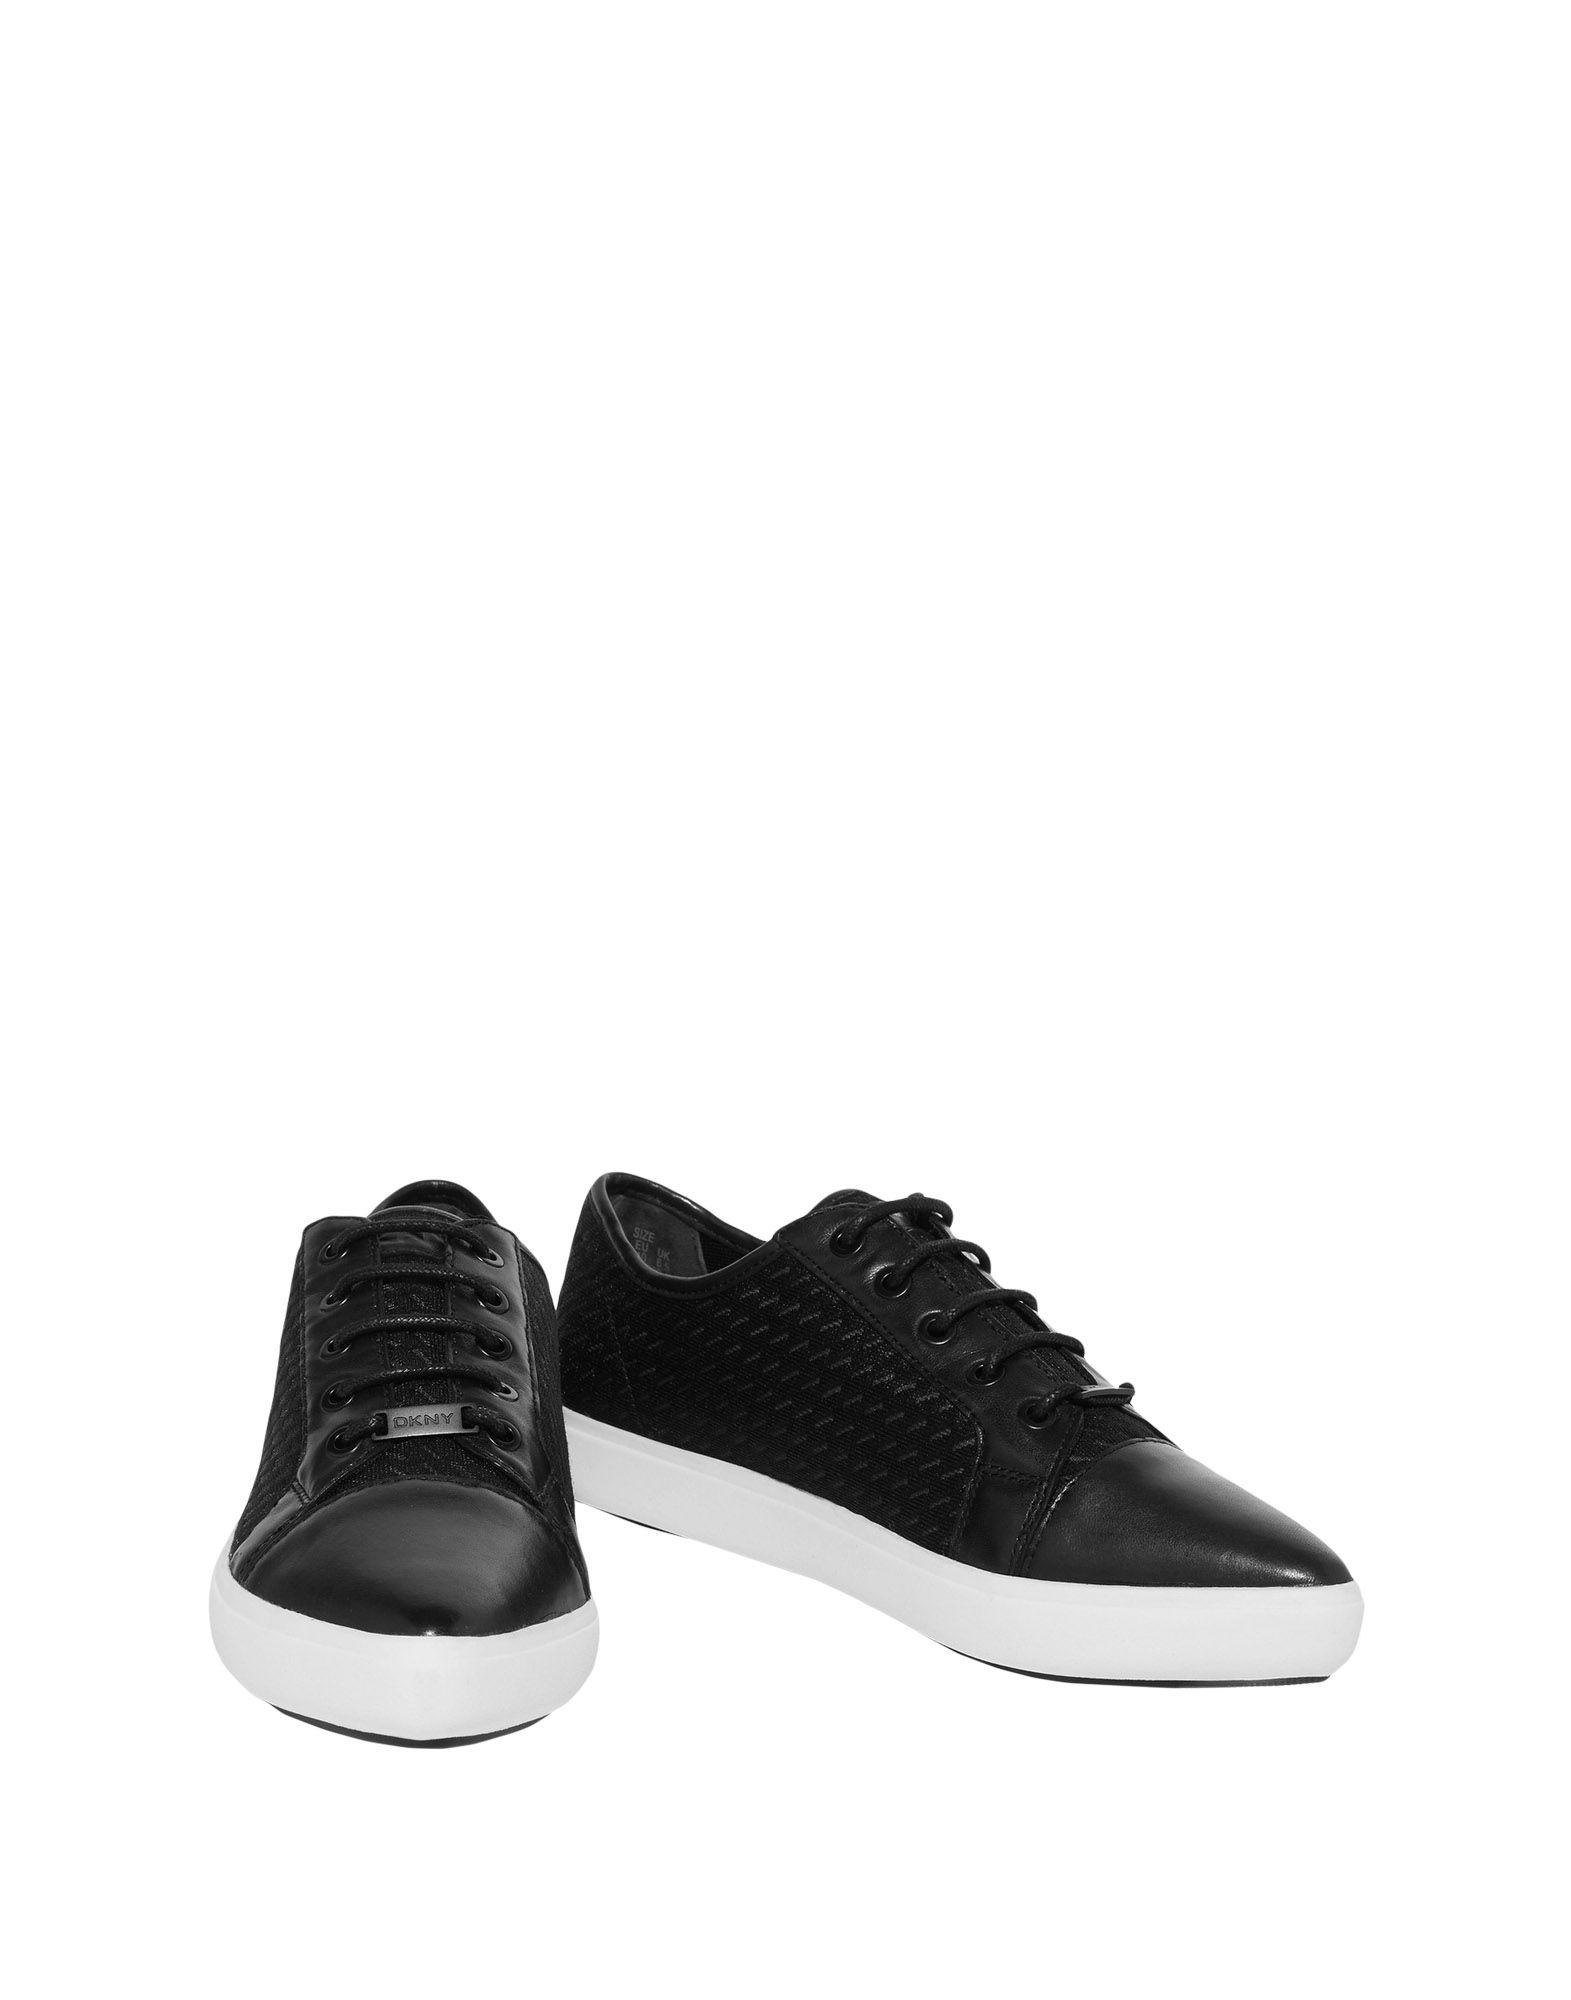 Фото - DKNY Низкие кеды и кроссовки обувь на высокой платформе dkny